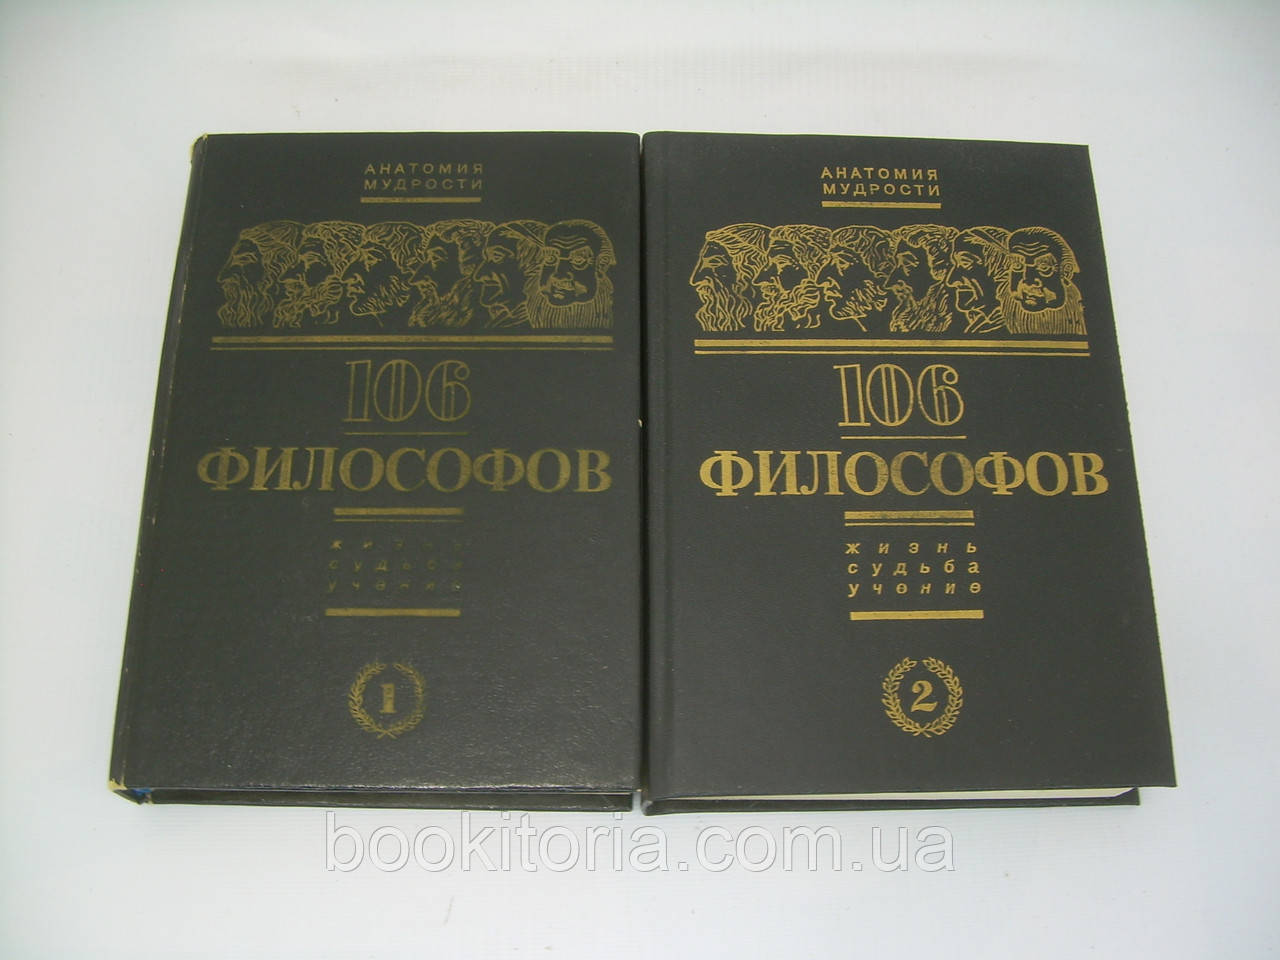 Таранов П.С. 106 философов. В двух томах. Жизнь. Судьба. Учение (б/у).